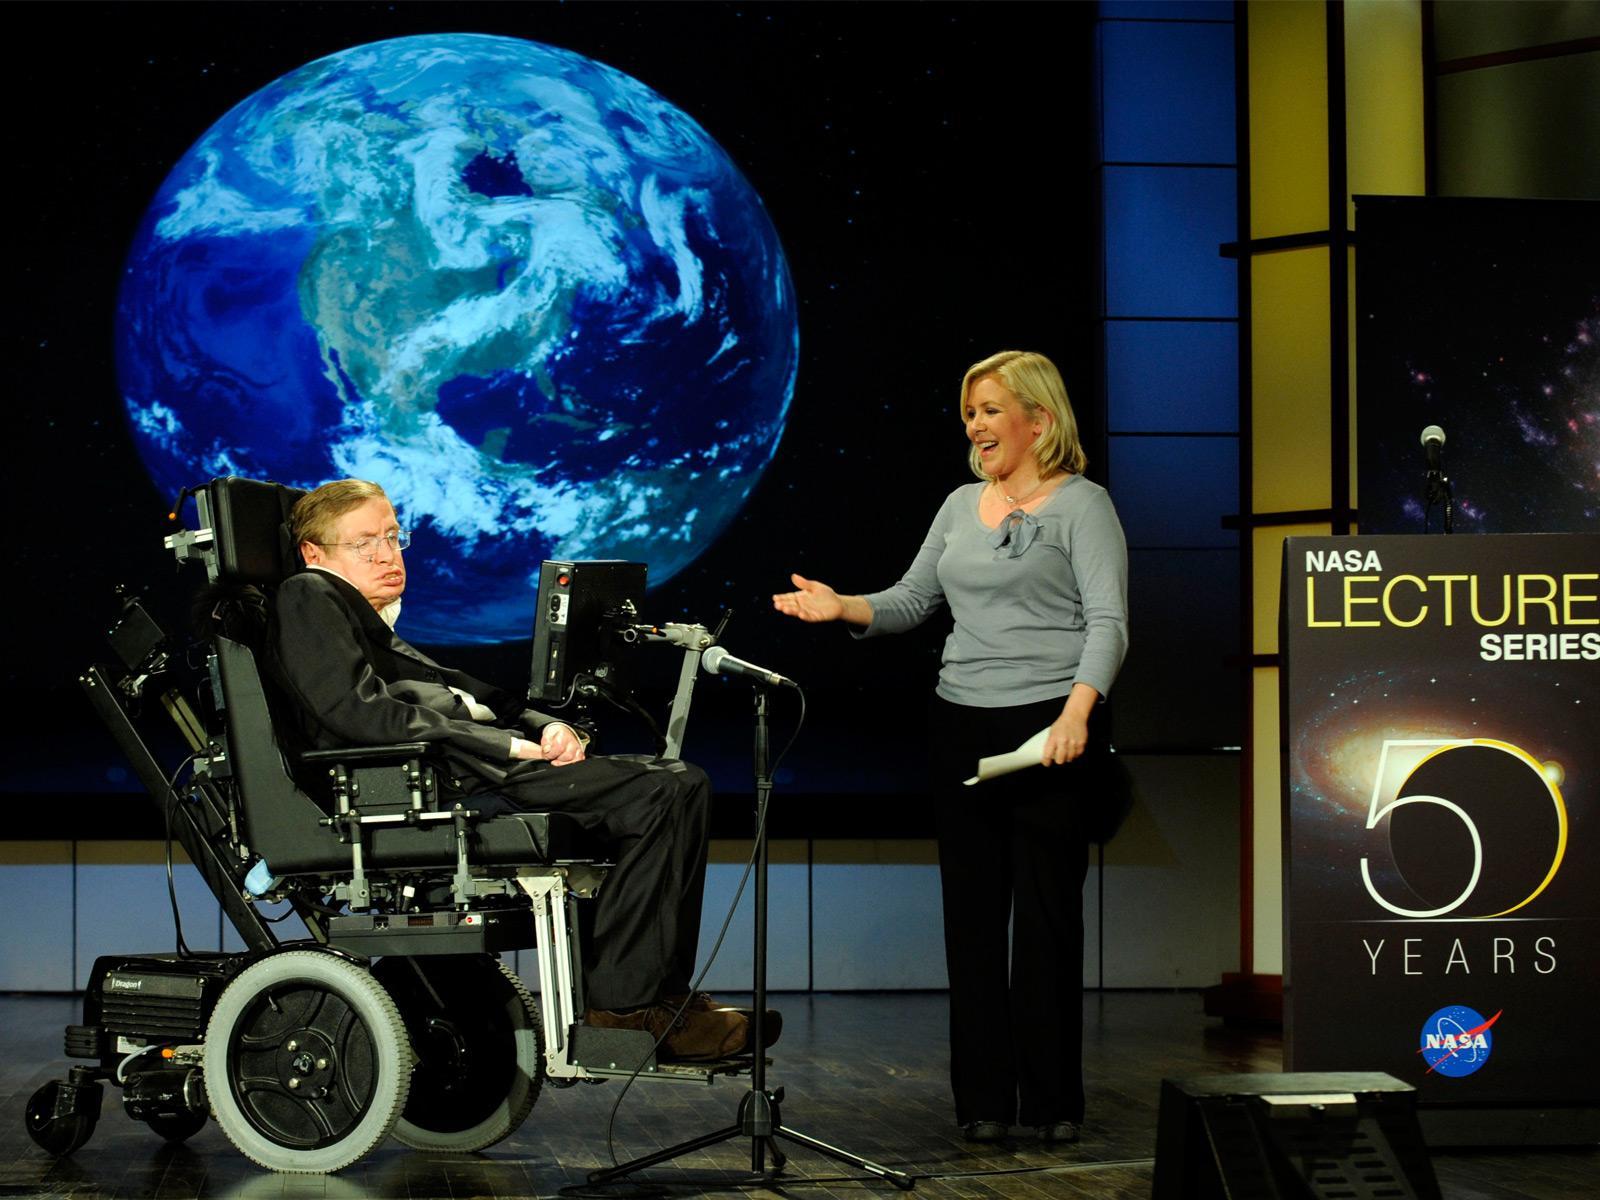 Kilka miesięcy oczekiwania się opłaciło – Stephen Hawking odpowiedział na pytania internautów. Oto najciekawsze w nich